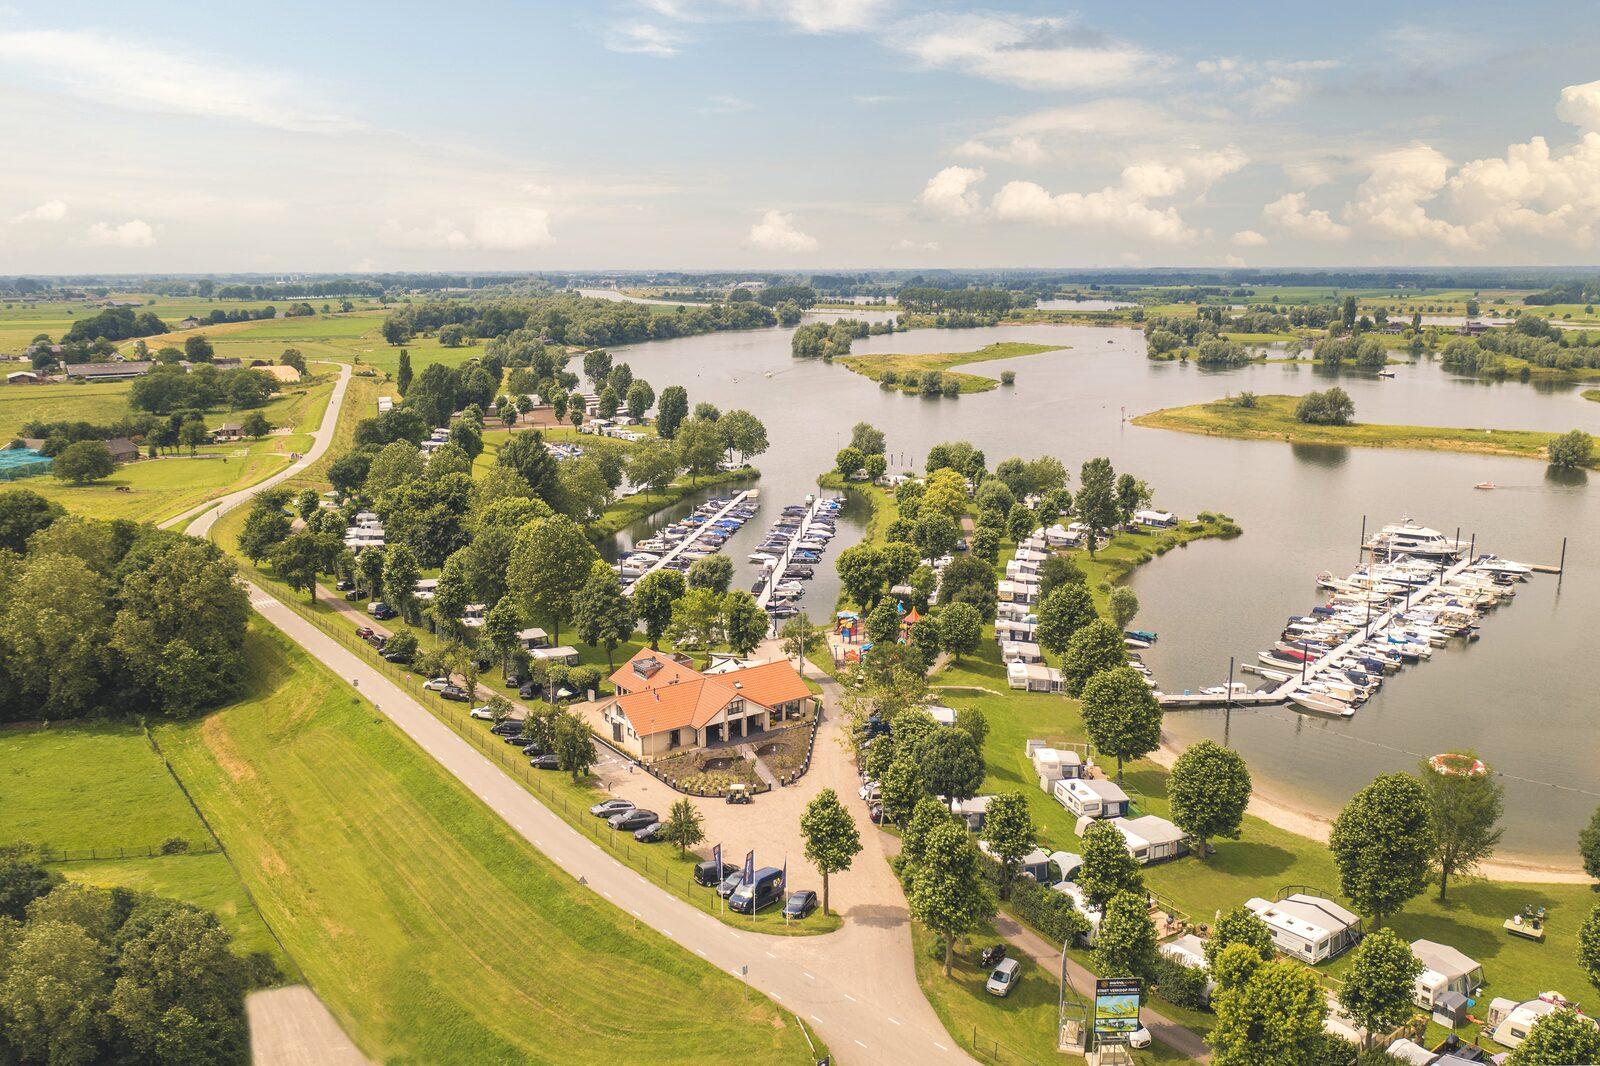 Ferienhaus in Gelderland kaufen